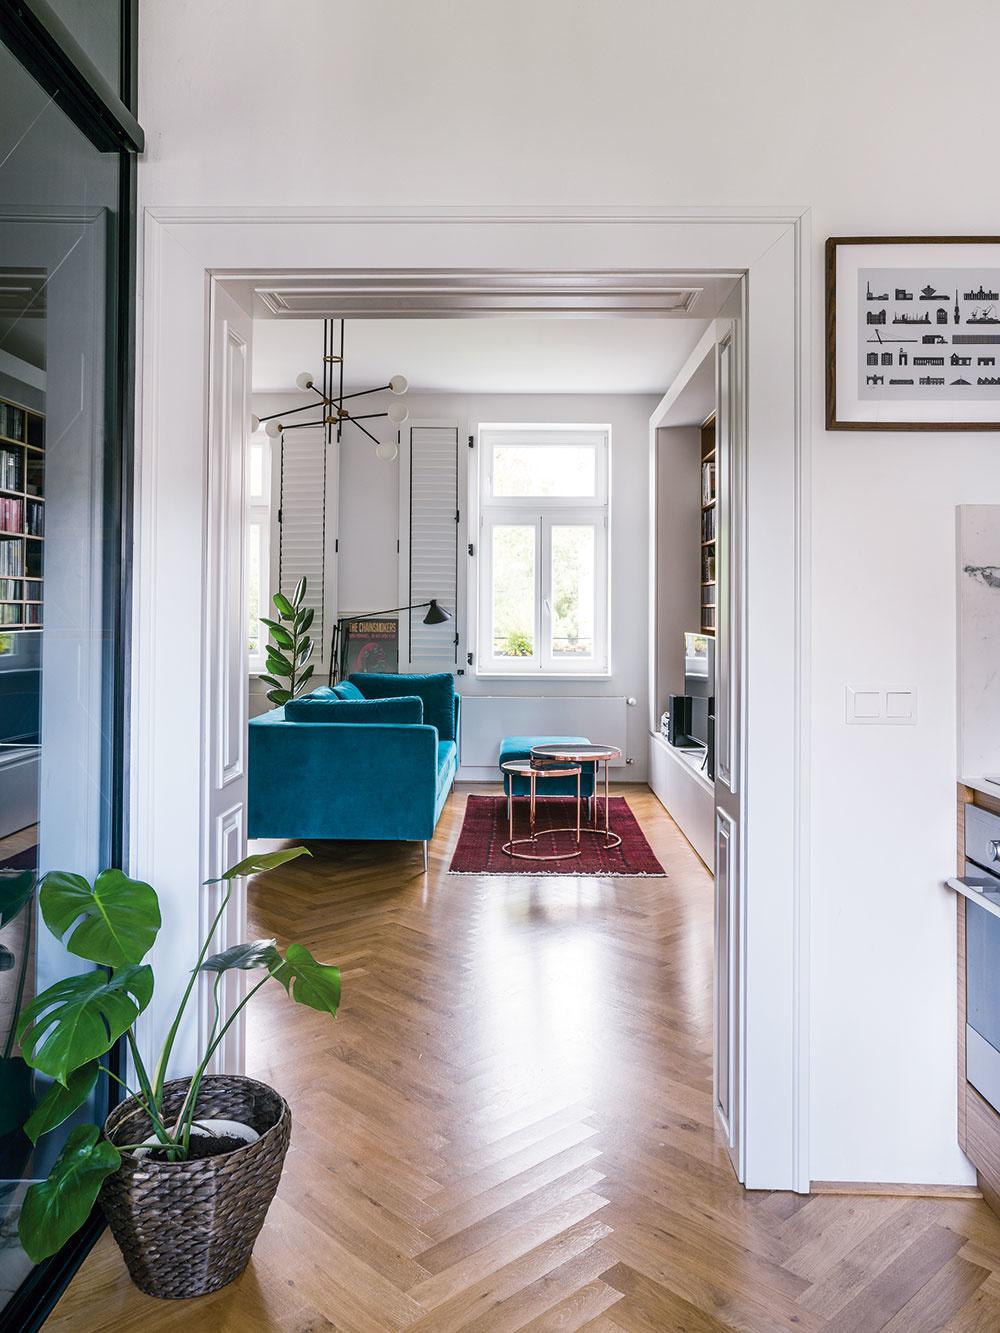 """Funkčnú časť bytu, teda dispozíciu avstavaný nábytok, navrhli architekti zo štúdia NOO, zvyšok zariadenia je majiteľov vklad. """"Výber mobiliára aj doplnky sú Michalova voľba. Chceli sme, aby sa tu prejavil jeho vkus acit pre dizajn. My sme vtomto smere pomáhali skôr konzultačne,"""" hovorí Martina Pulmanová."""